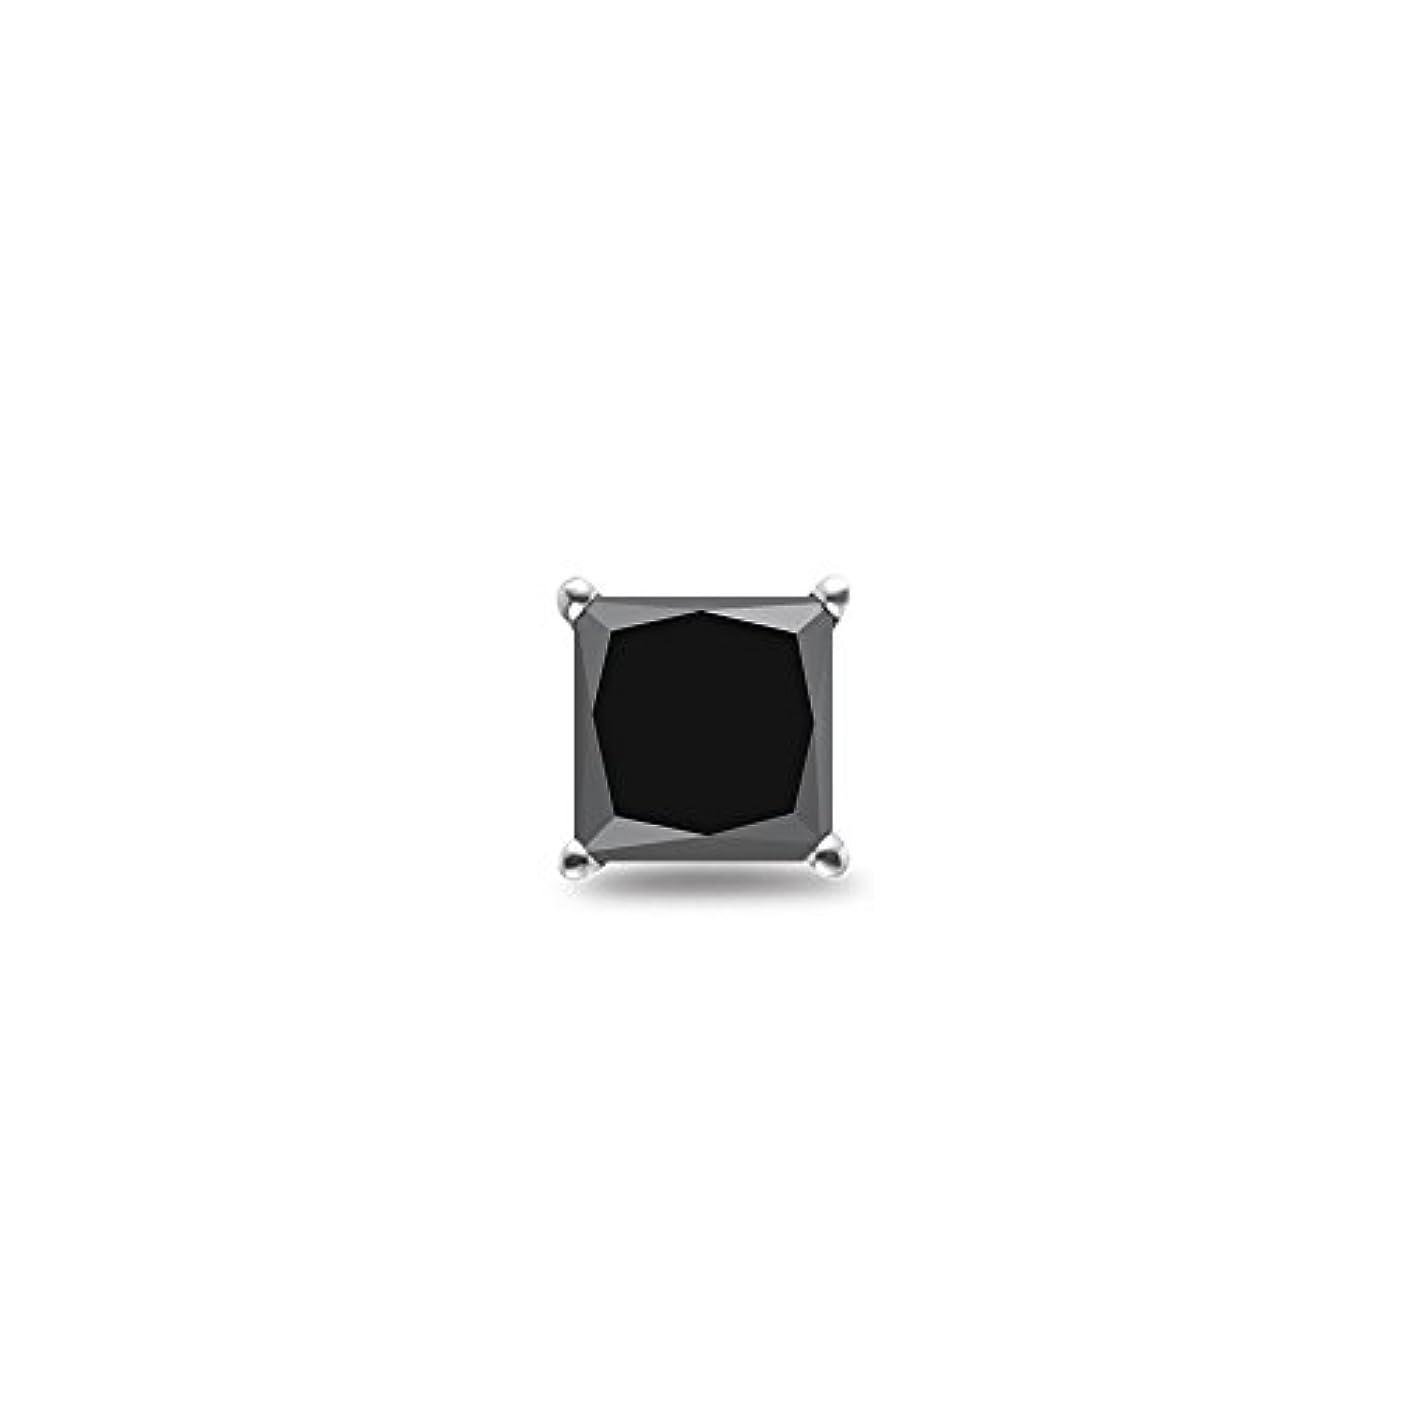 タイムリーな交換可能ゴージャスHoliday Deal – 1.10 CTS AAプリンセスブラックダイヤモンドメンズスタッドイヤリングで14 Kホワイトゴールド{ダイヤモンド鑑定Included }